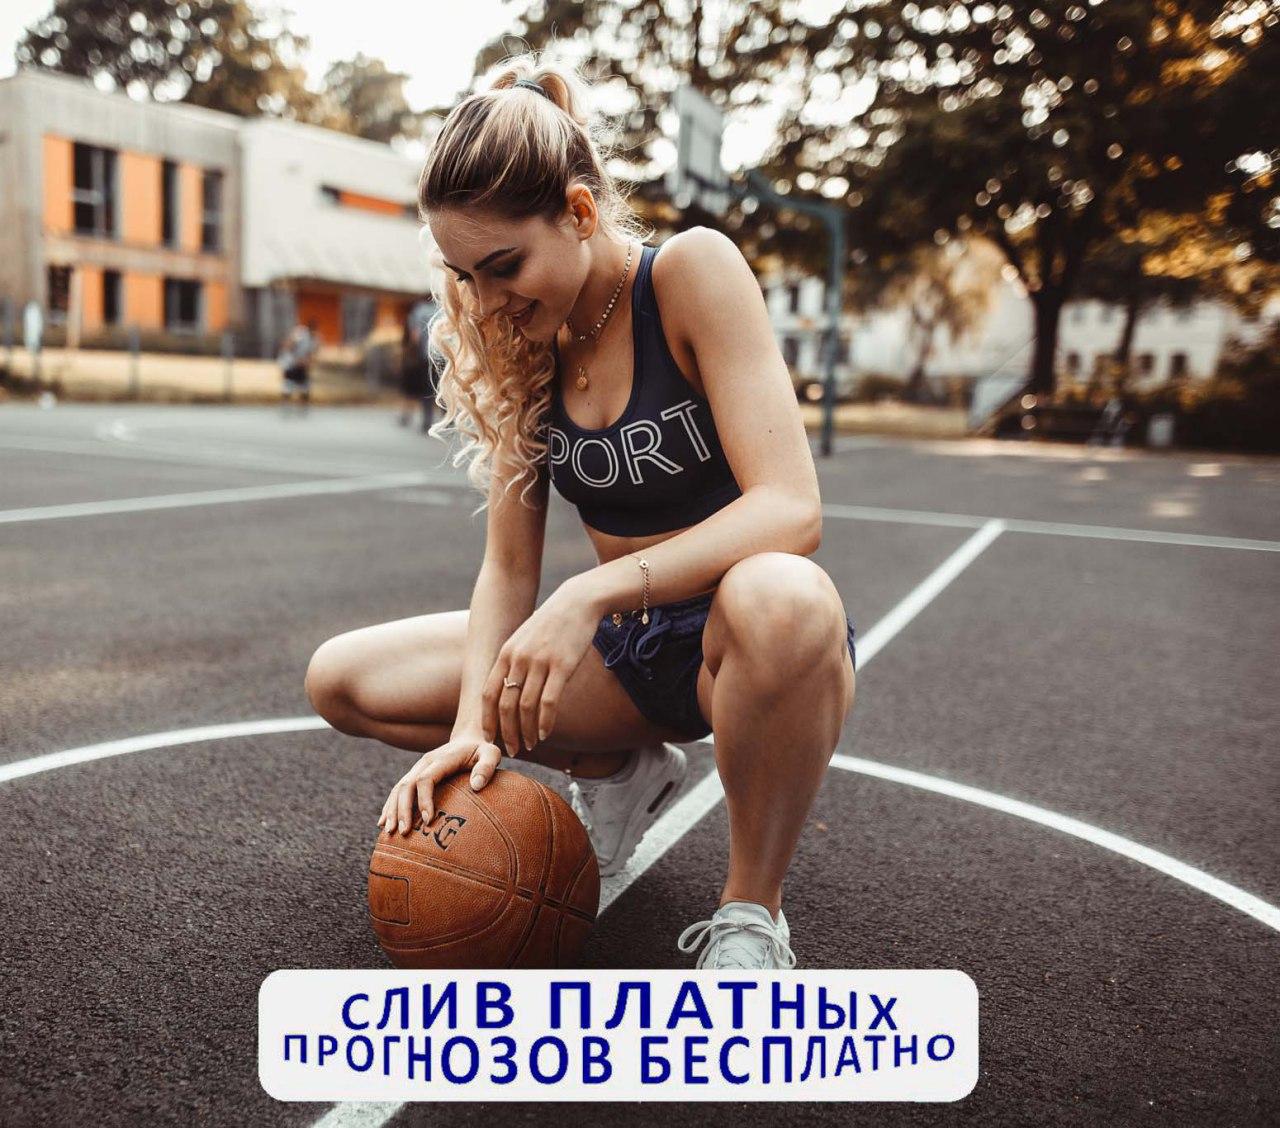 Слив Платных Прогнозов На Спорт Бесплатно Вк